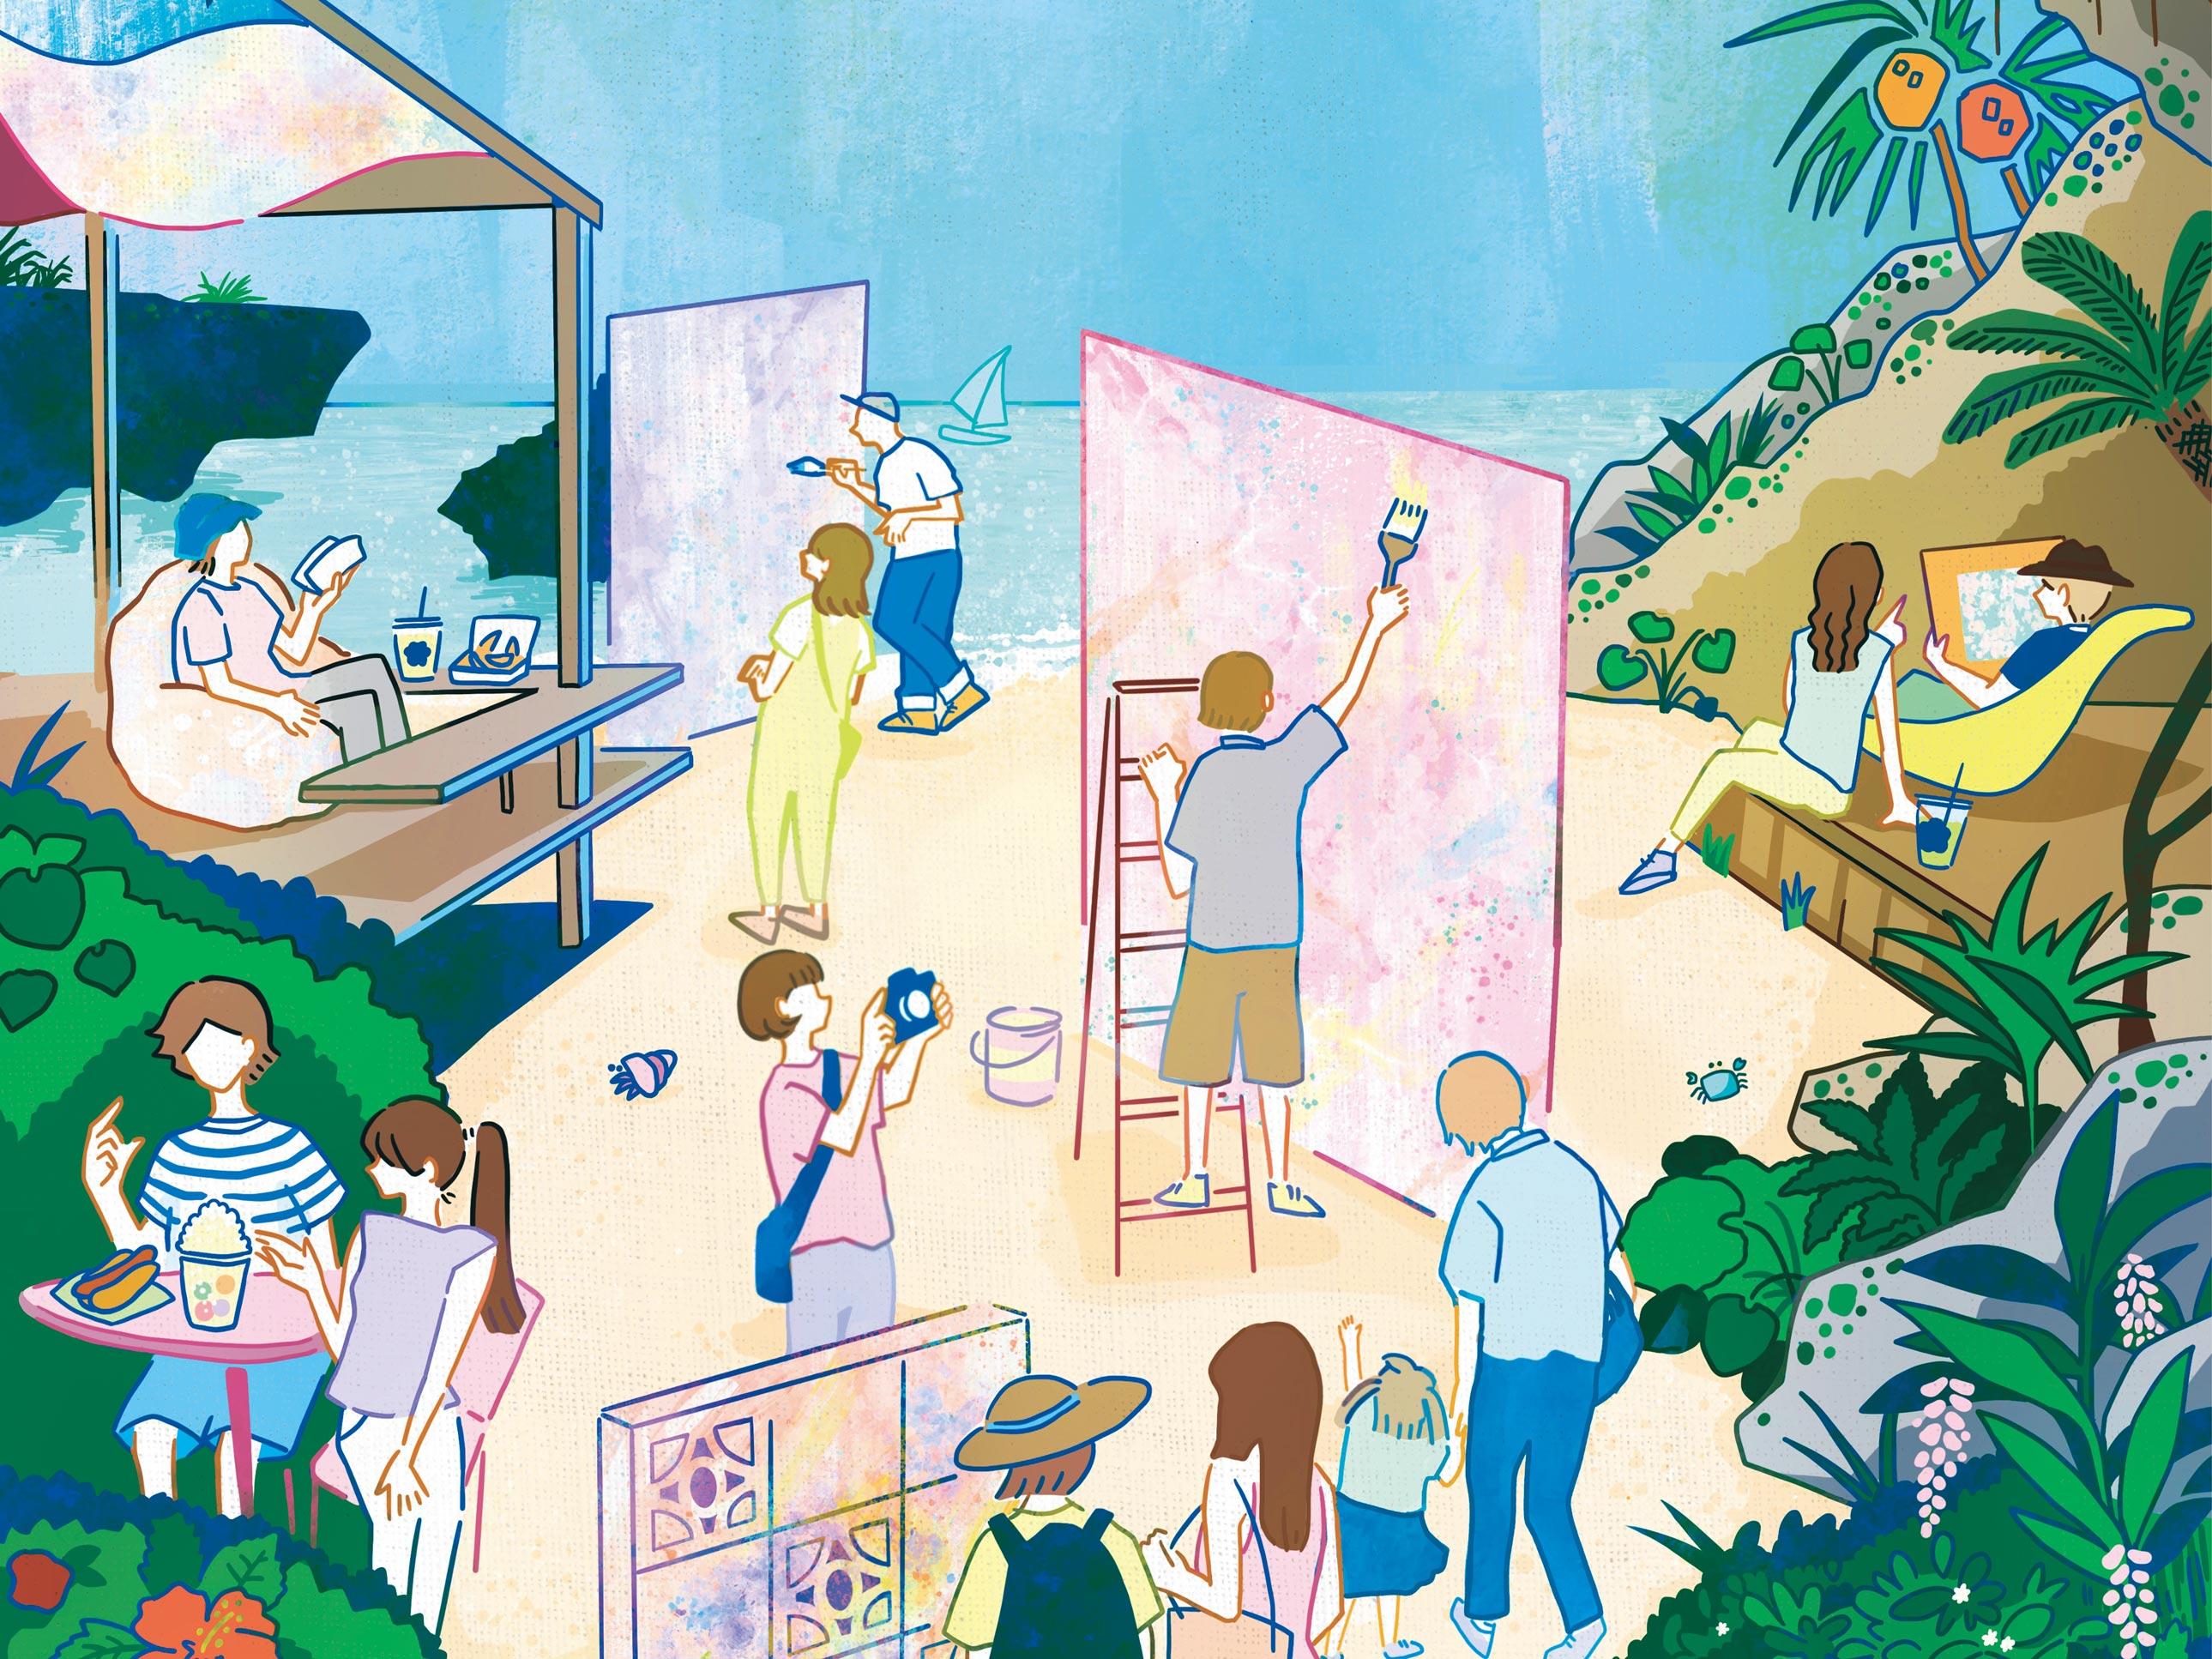 星野リゾート バンタカフェ「海辺のアートフェスティバル」 Hoshino Resorts 星野渡假村 (1)